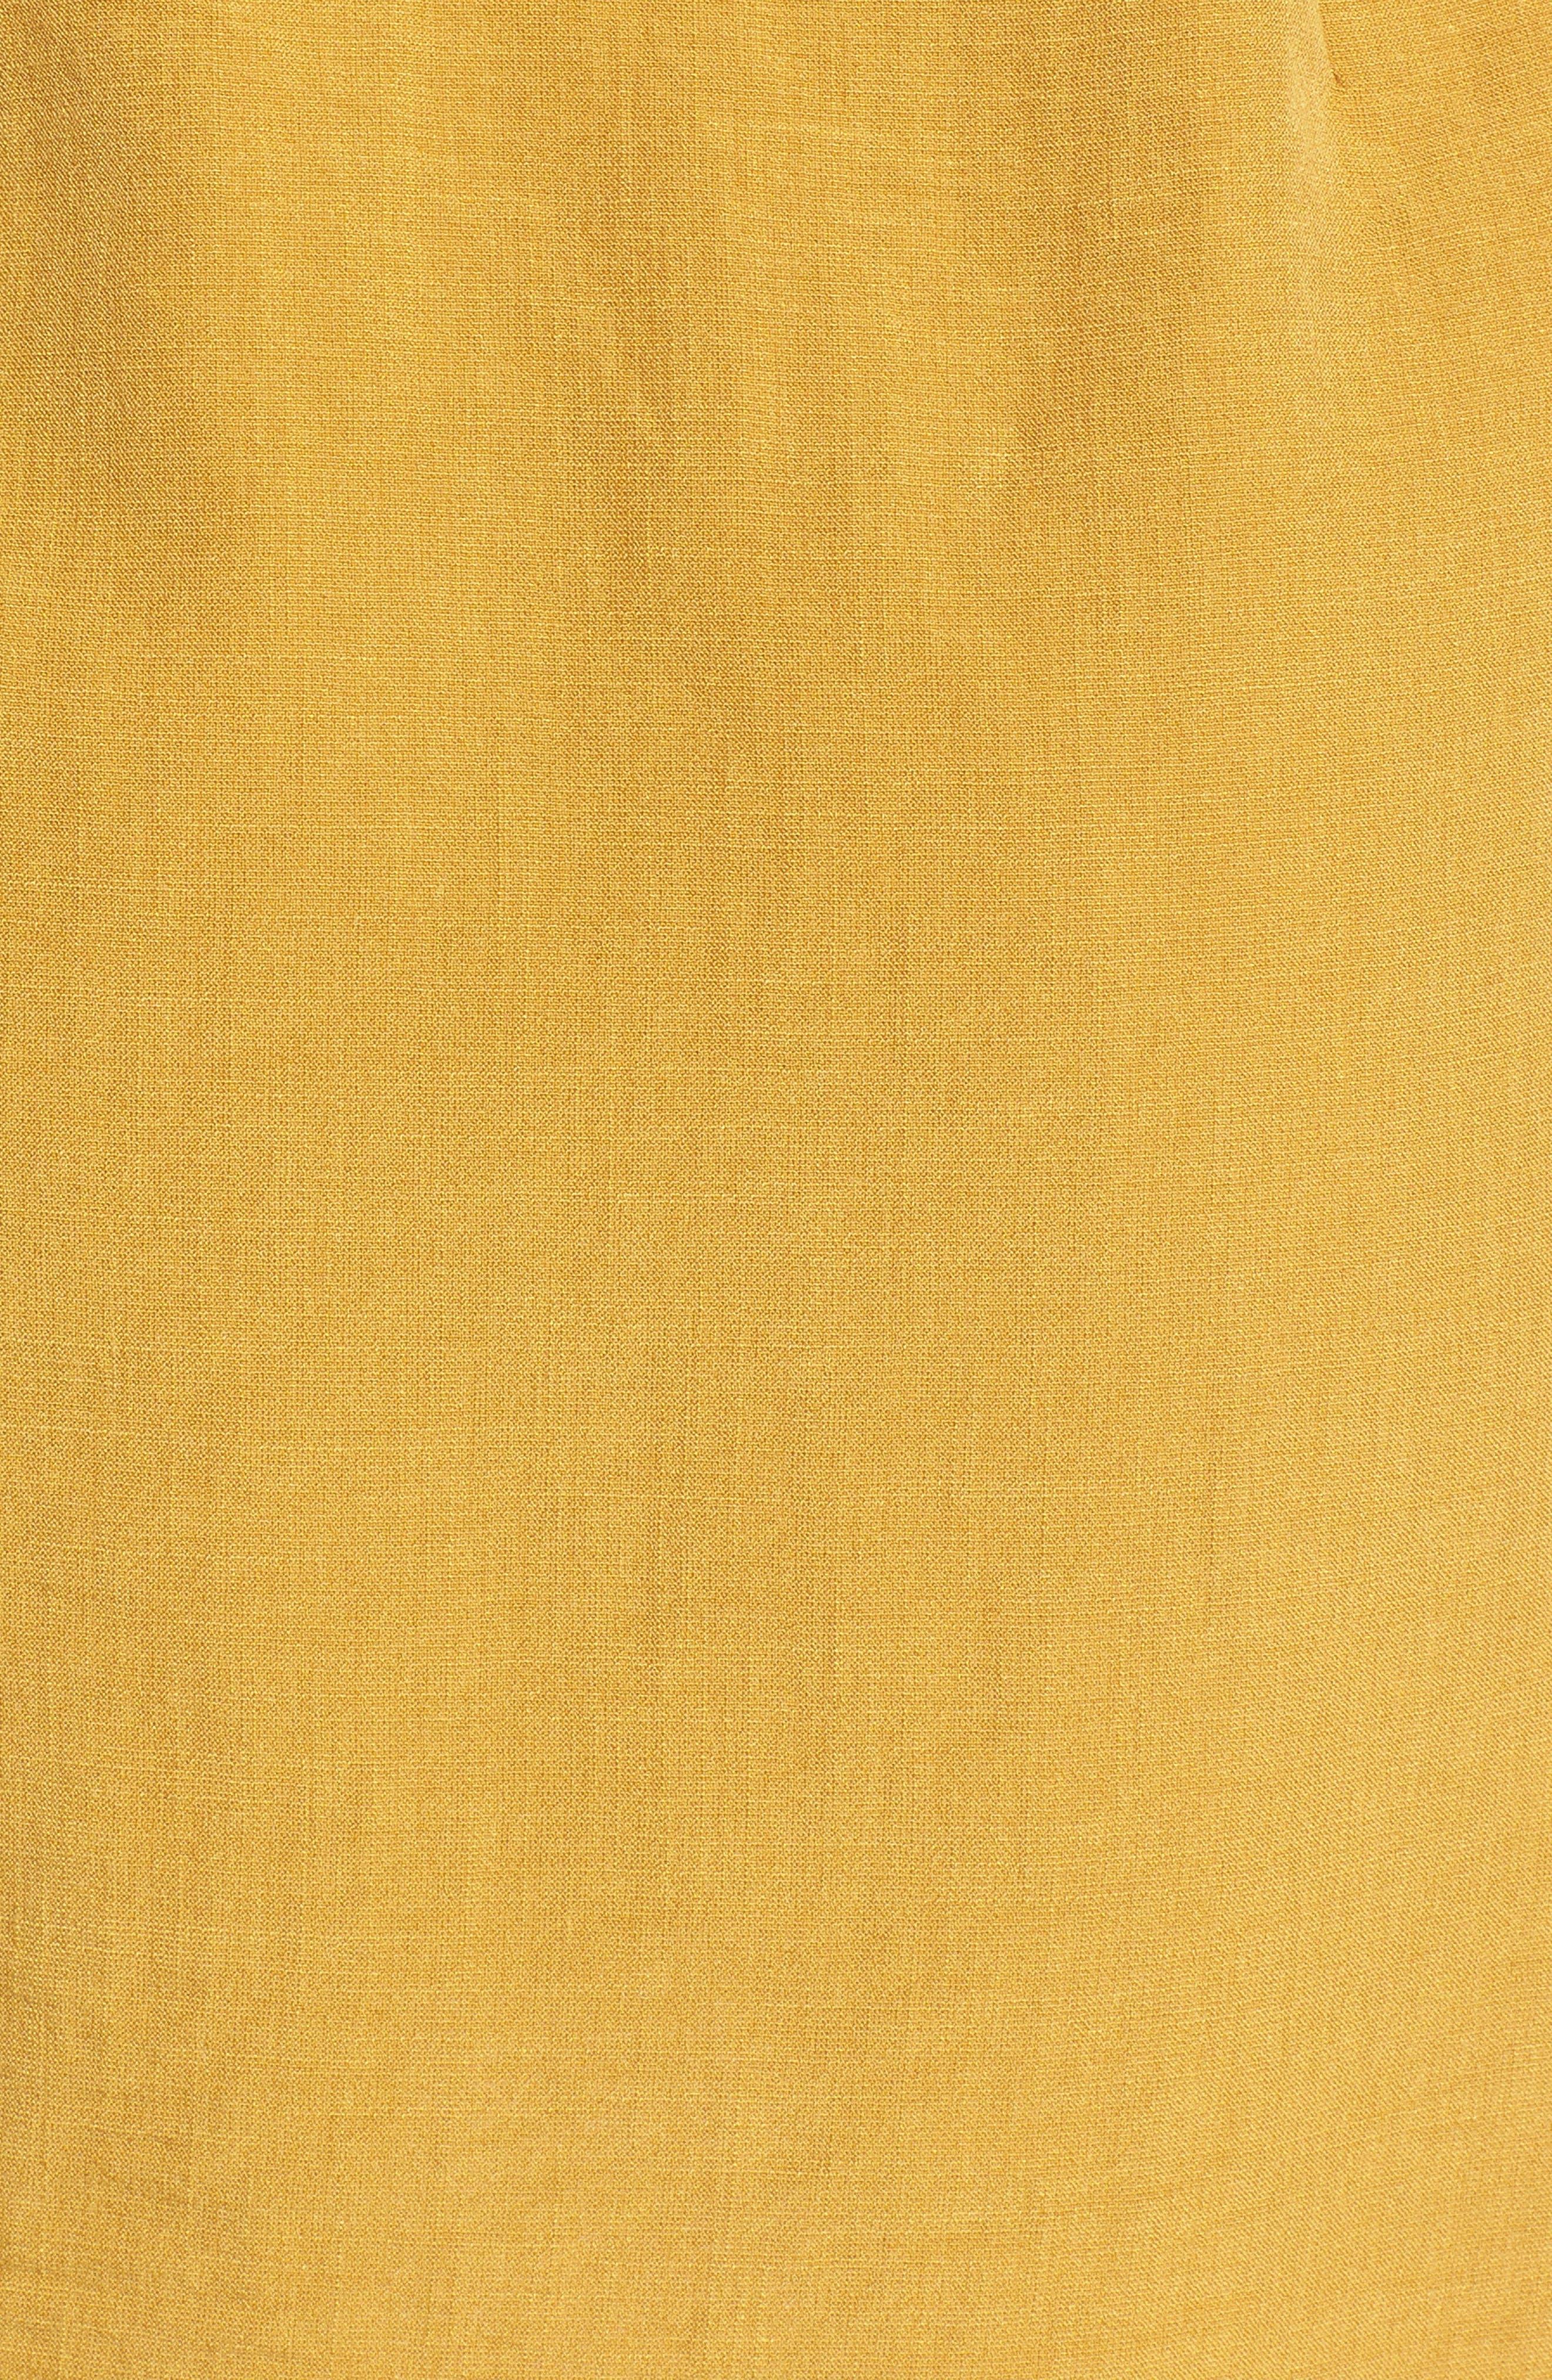 Poppy Flutter Sleeve Tie Dress,                             Alternate thumbnail 5, color,                             702